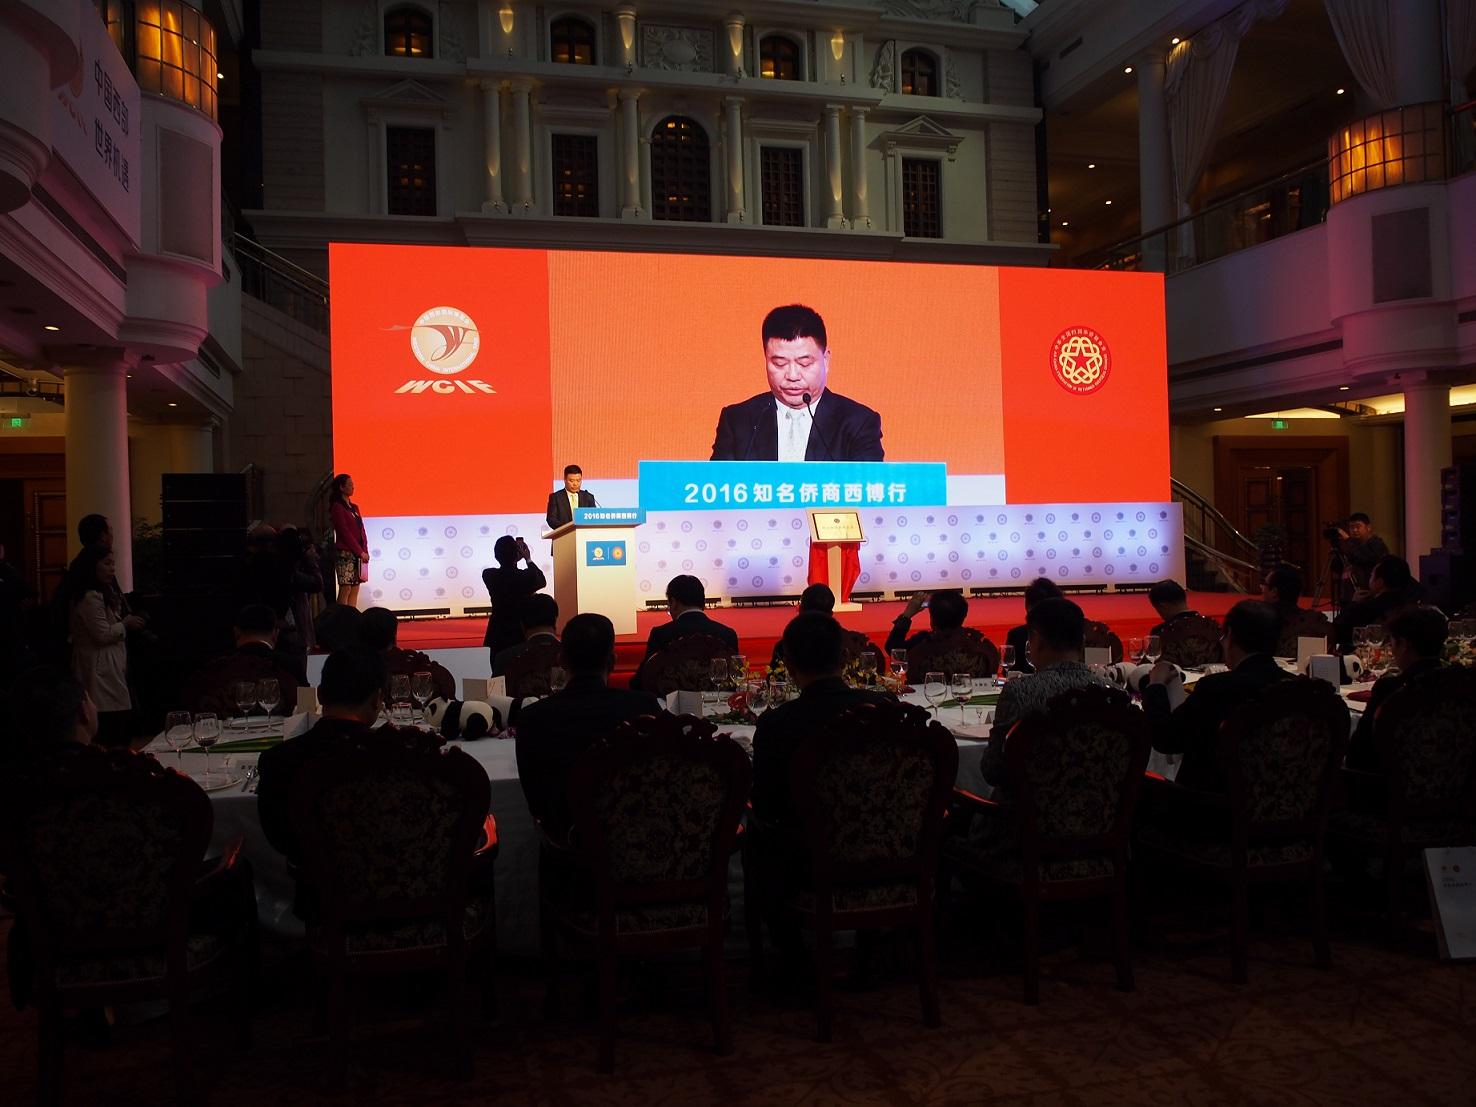 北京华商会出席第十六届中国西部国际博览会